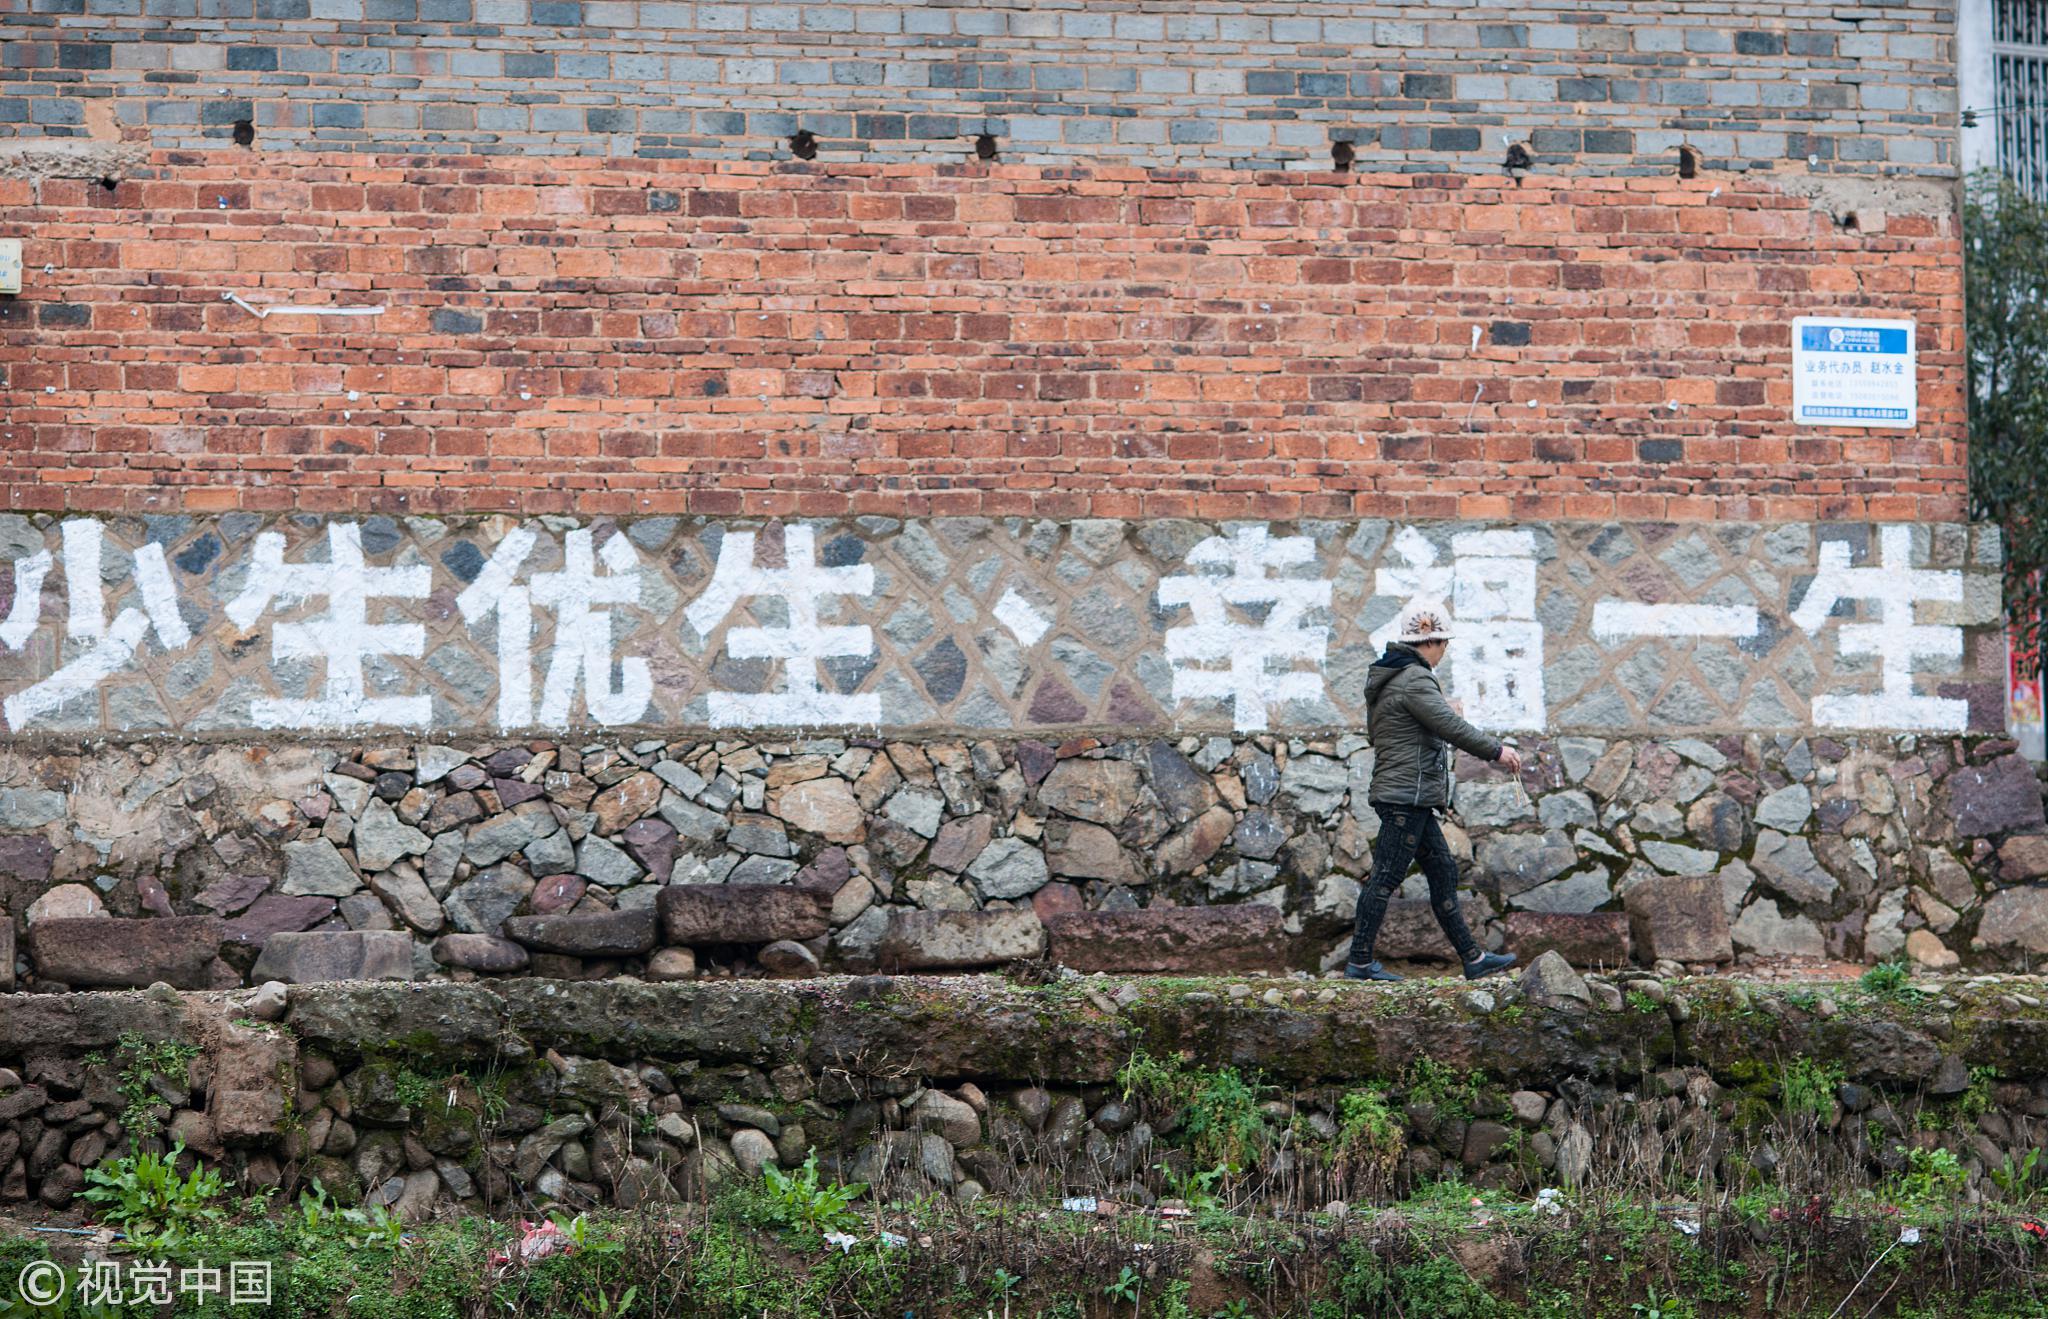 2018-11-15,福建省南平市蒲城县,写有计划生育宣传标语的土墙。 / 视觉中国